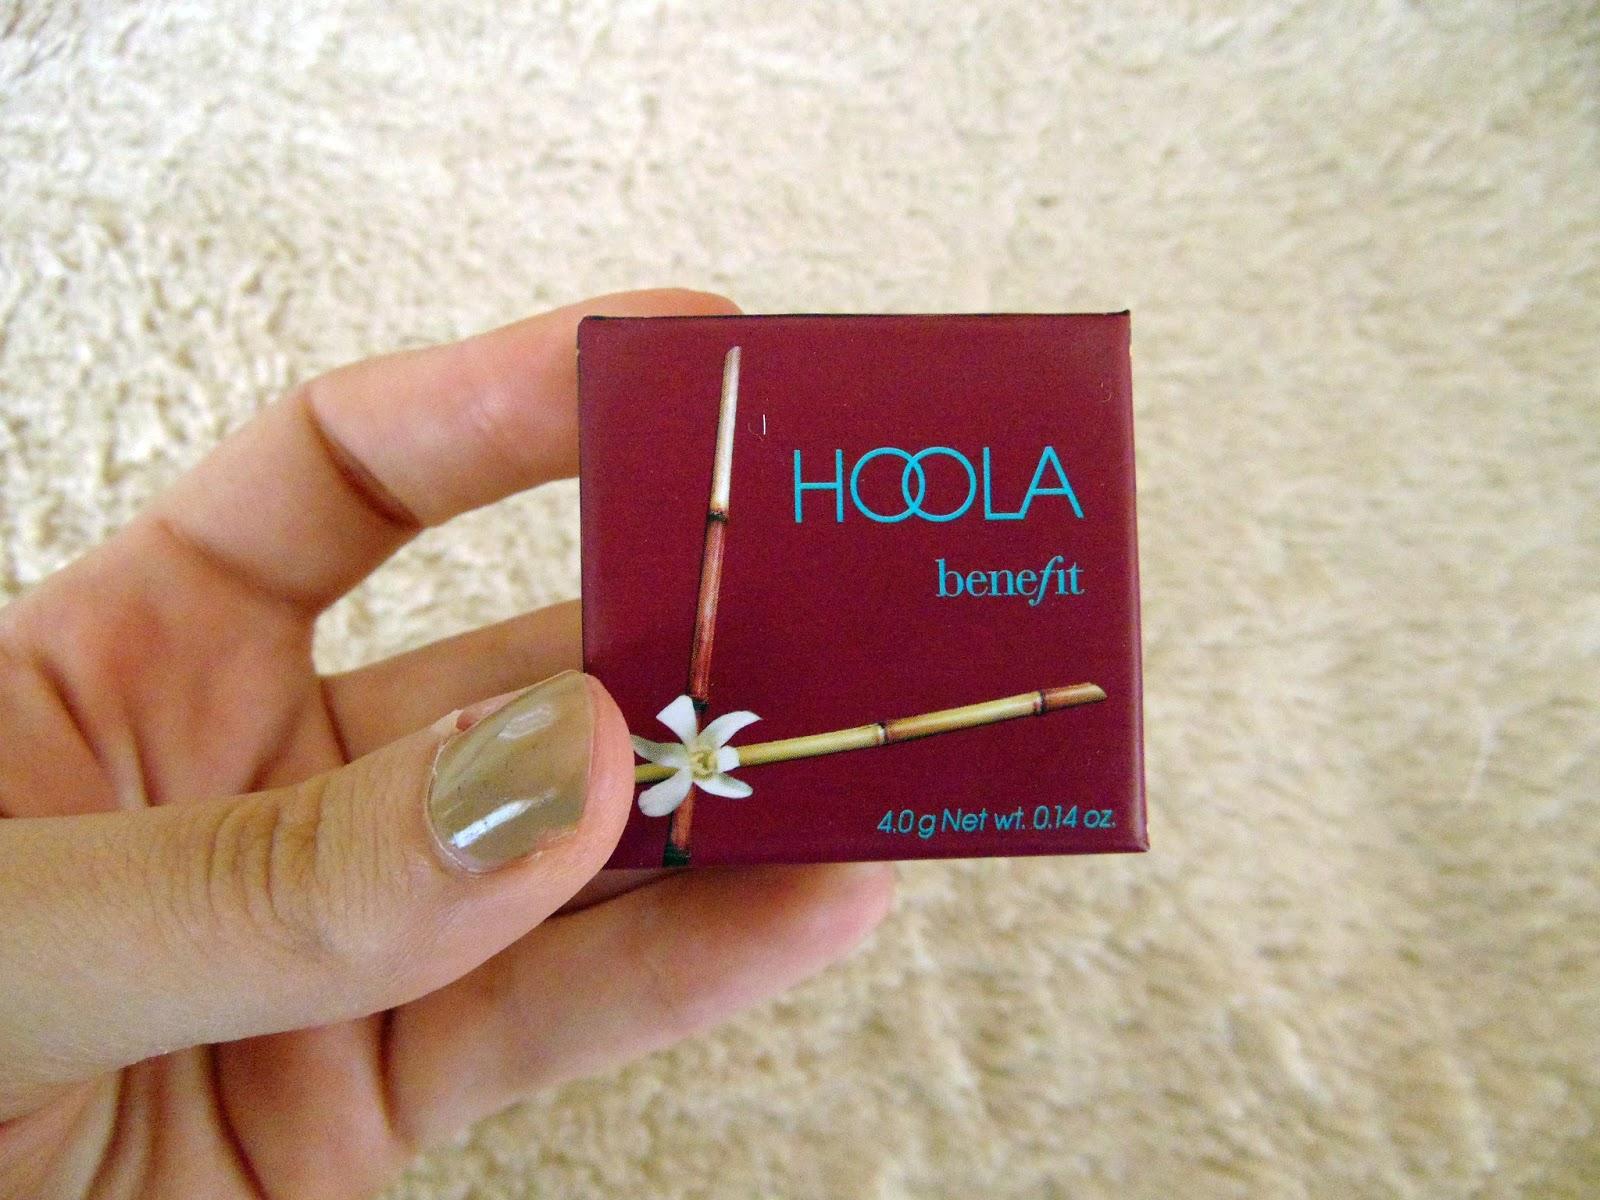 Review hoola bronzer, benefit. Before and after photos. Reseña hoola bronzer antes y después, primera impresión